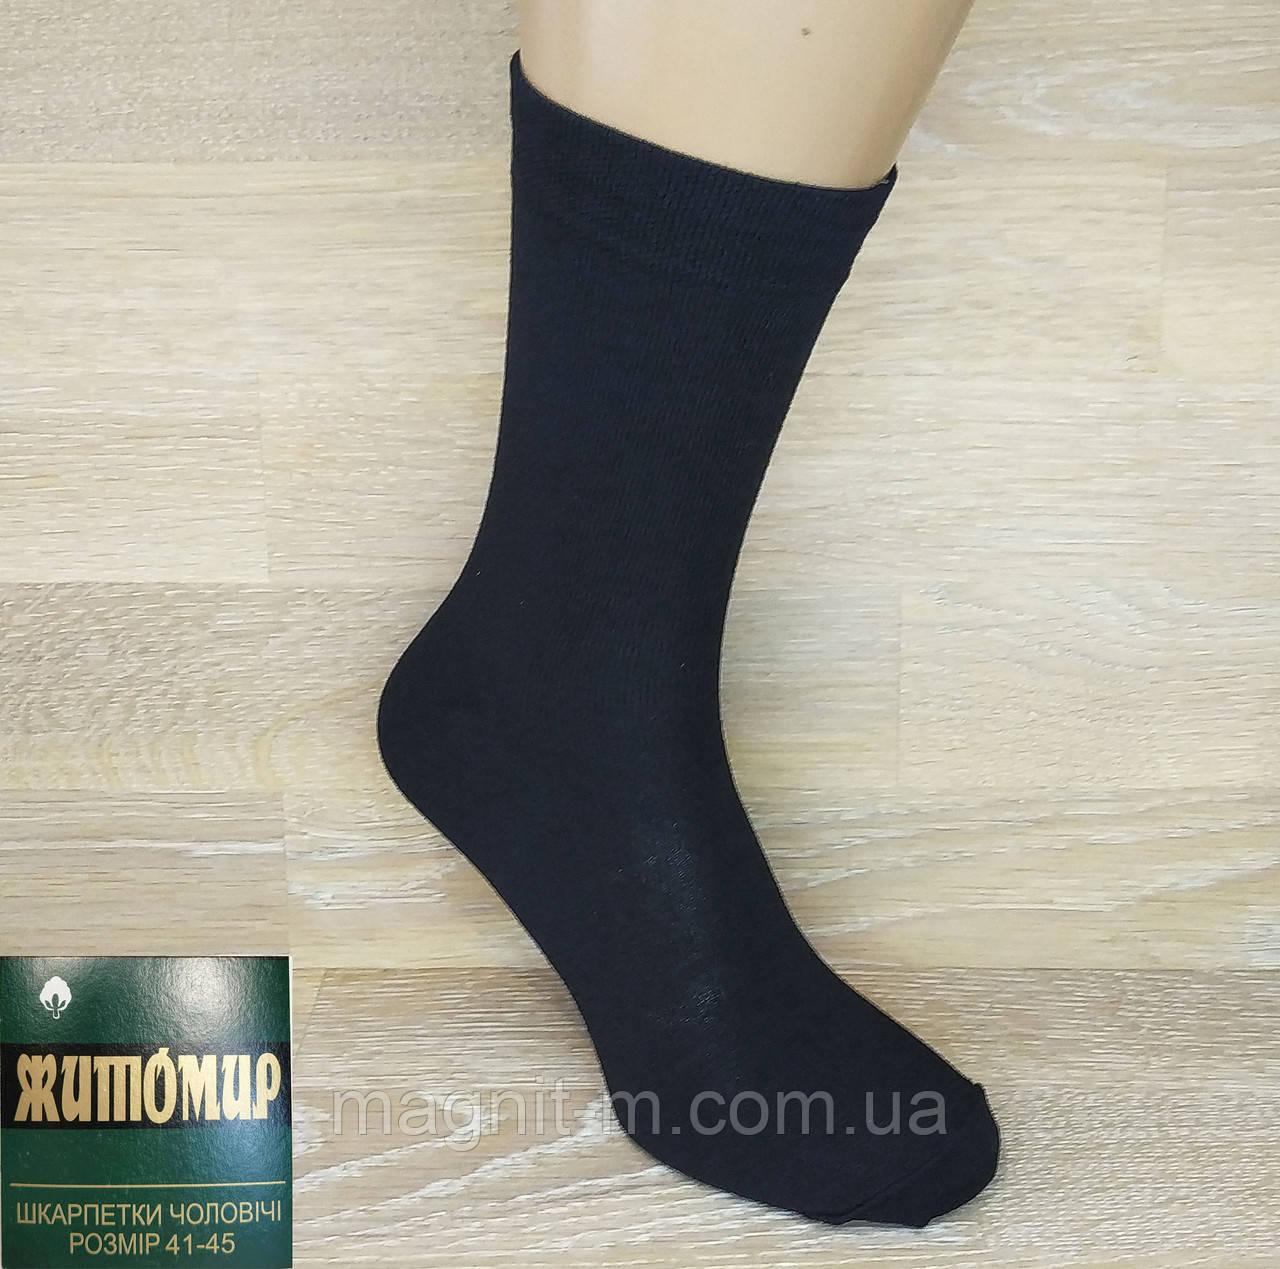 """Шкарпетки чоловічі стрейчеві """"Житомир"""". Чорні. Лайкра. (Роздріб)."""